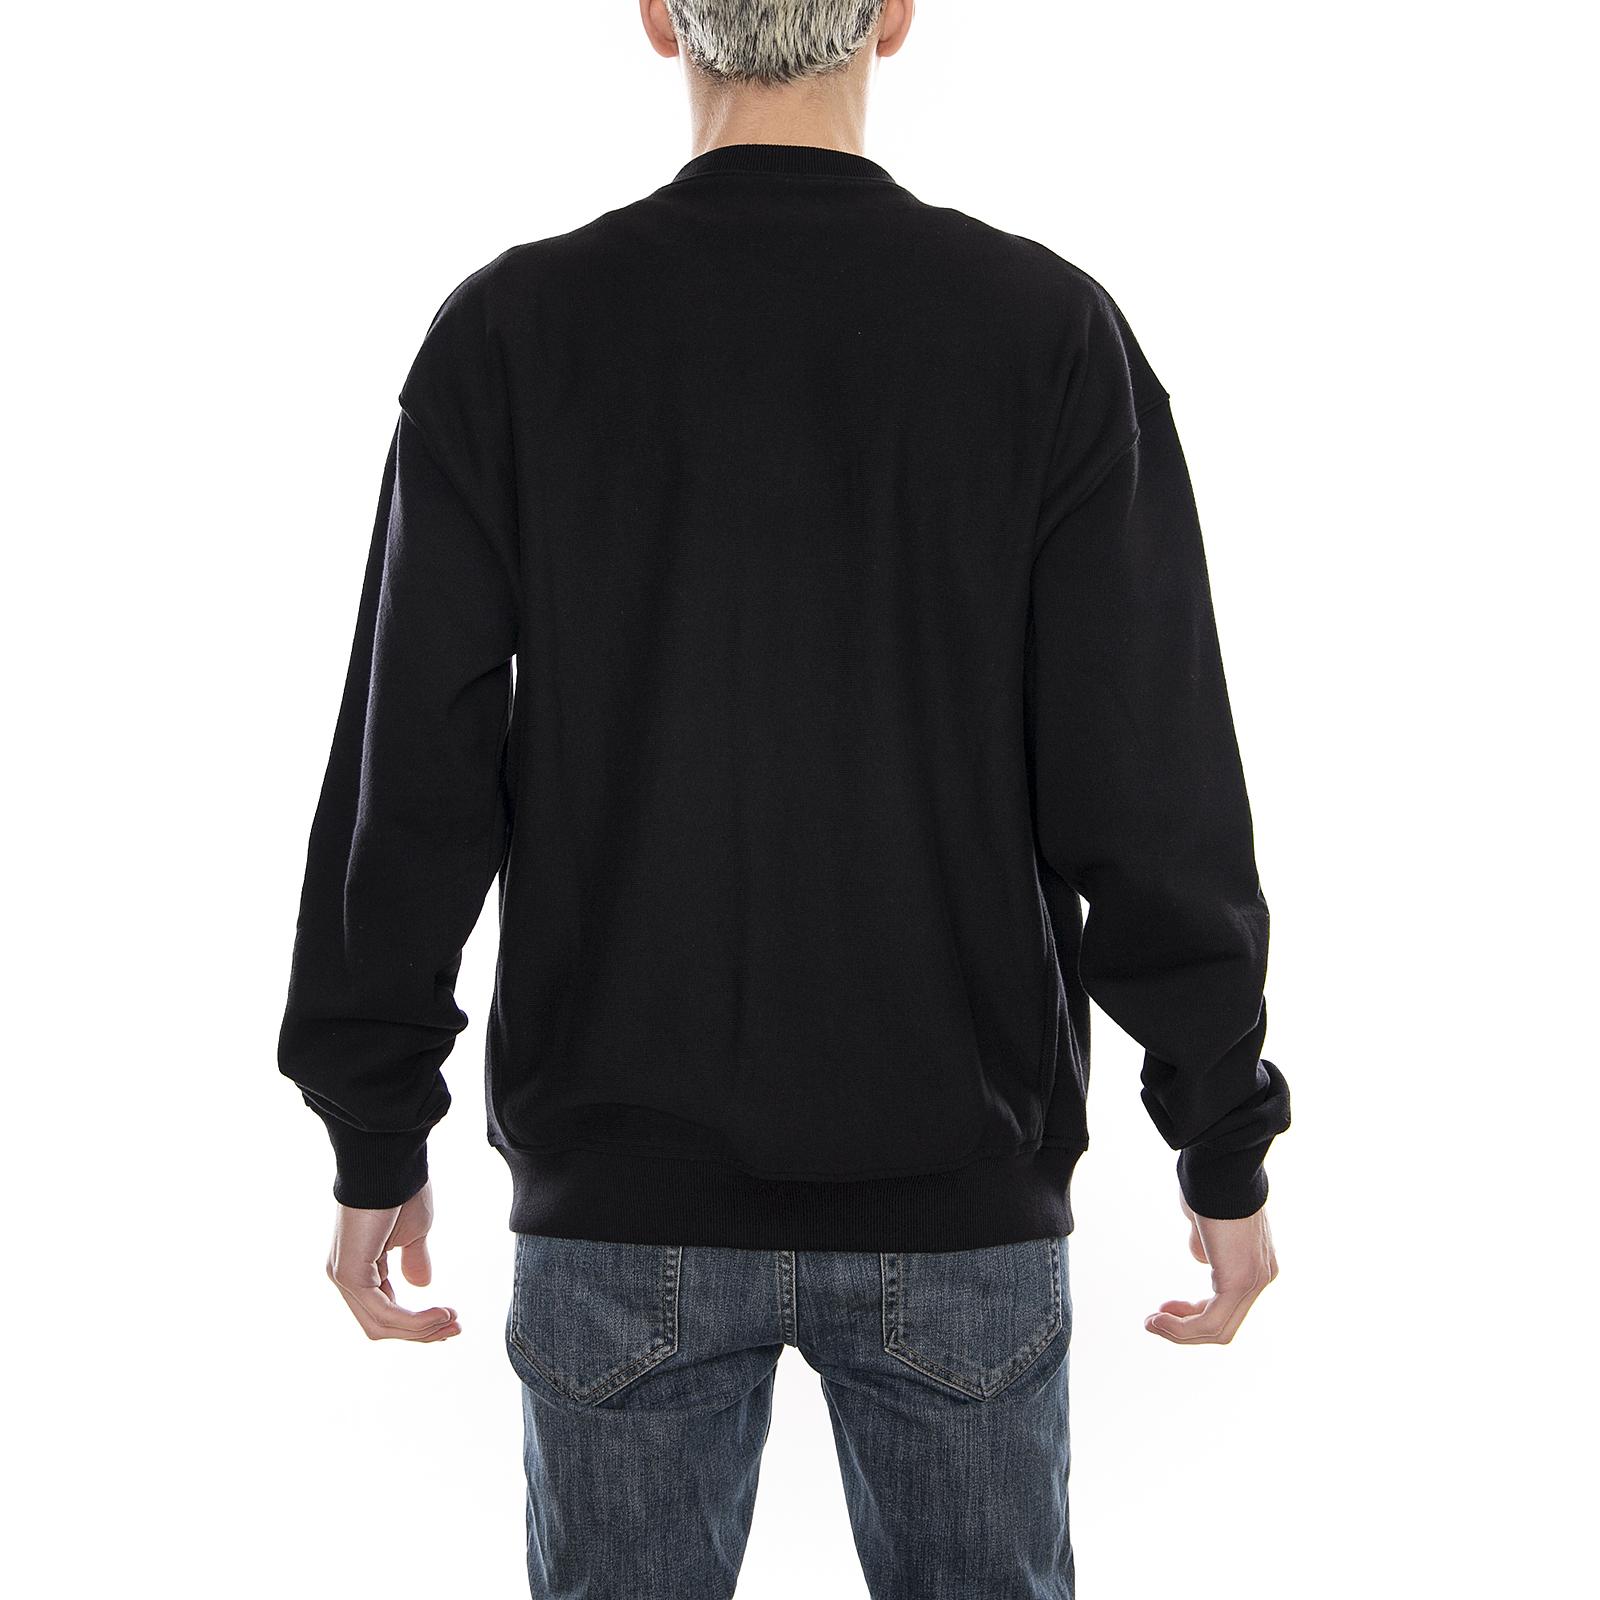 Carhartt Felpe Felpe Carhartt Hooded Carhartt Sweatshirt Cauma / bianca Azzurro 02559b